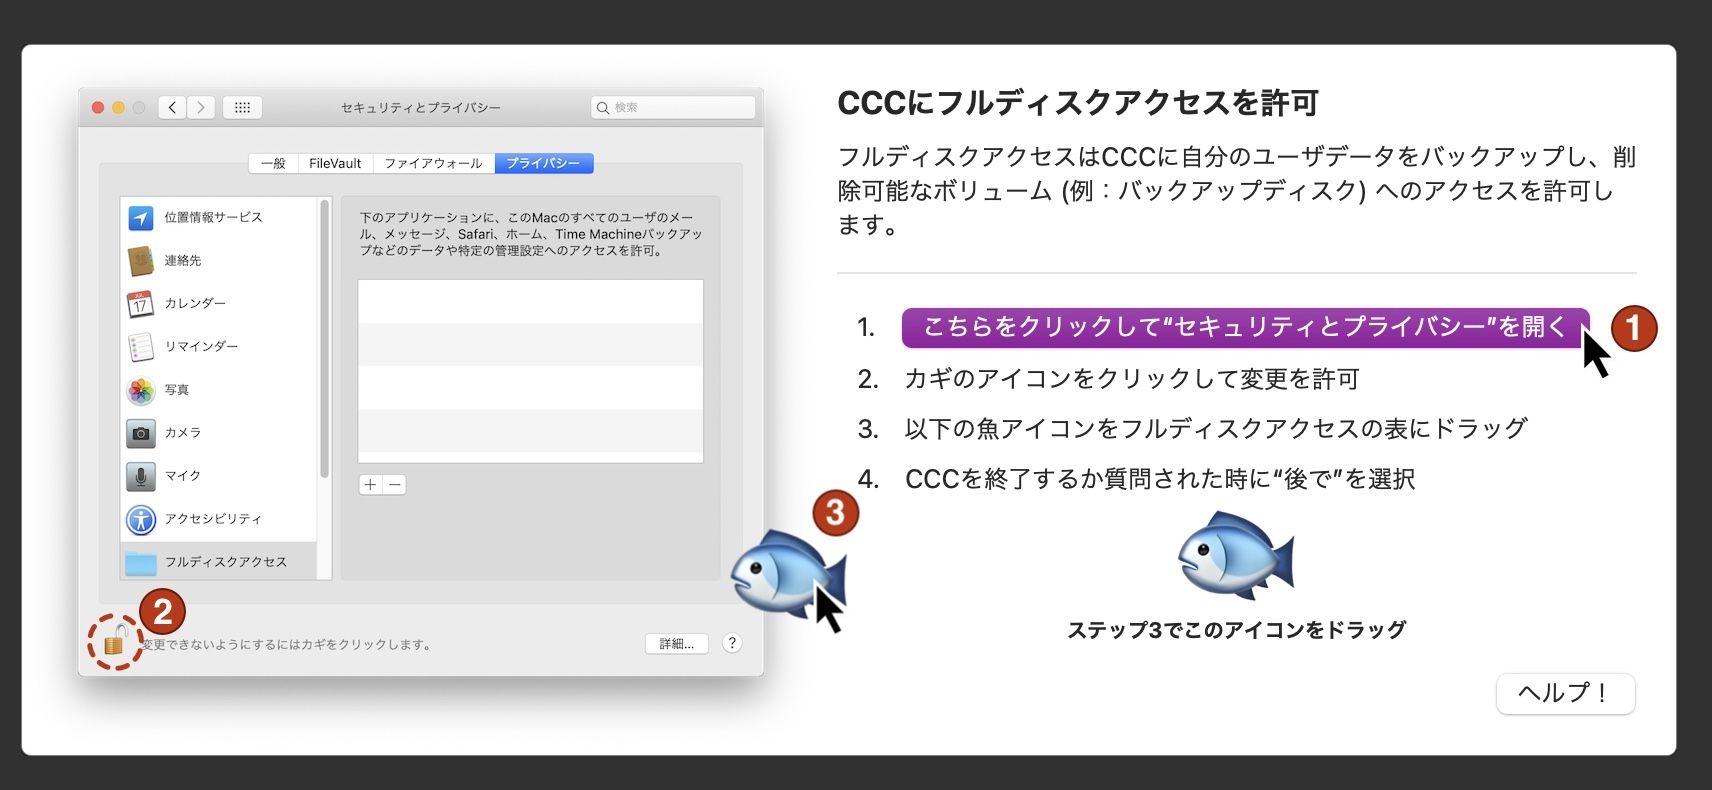 CCCにフルディスクアクセスの許可